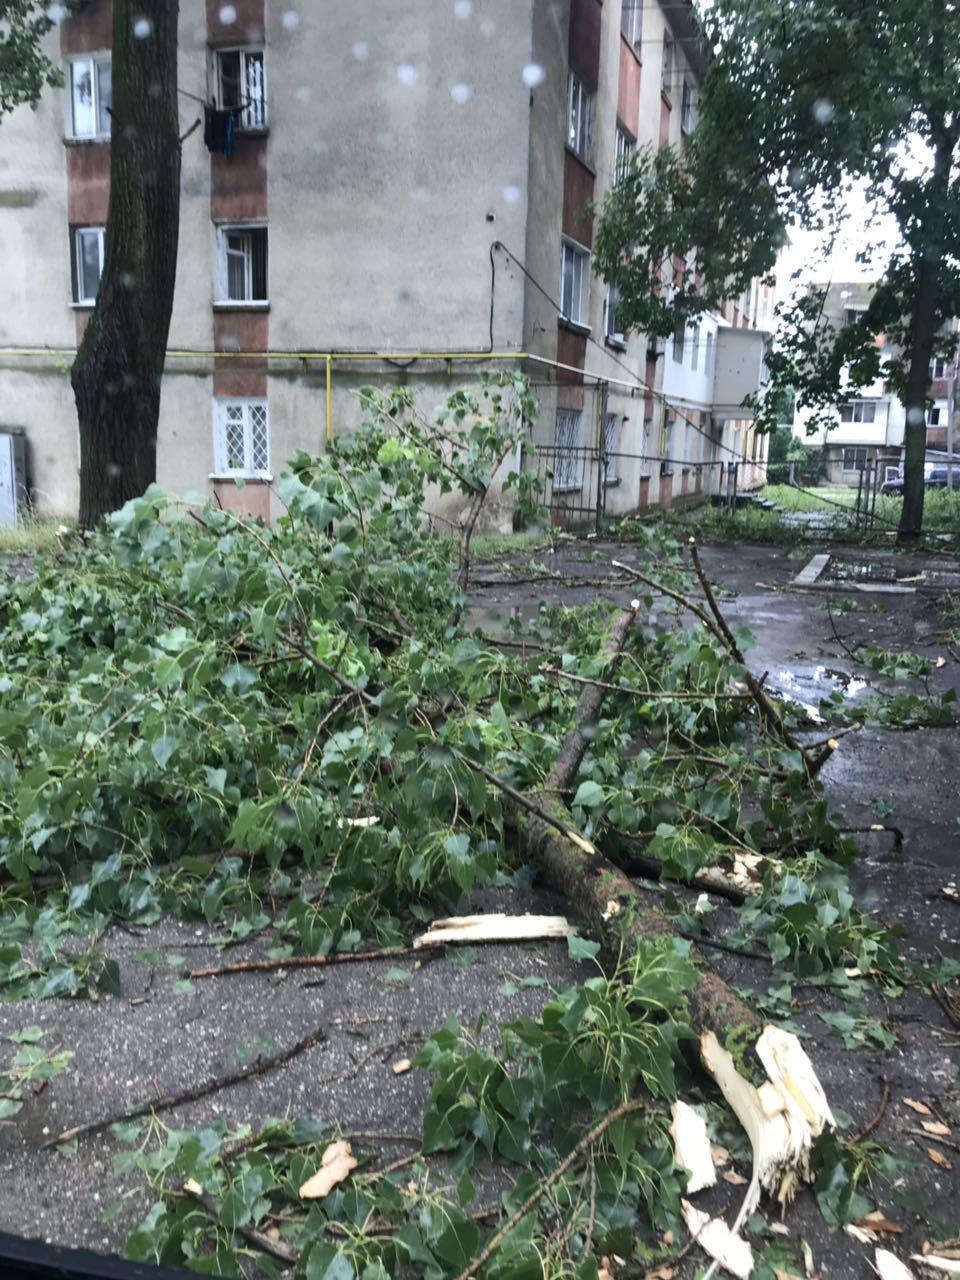 VIDEO | Ploaie torențială de 10 minute la Bălți: străzi inundate, copaci doborâți, fire electrice rupte și ambuteiaje